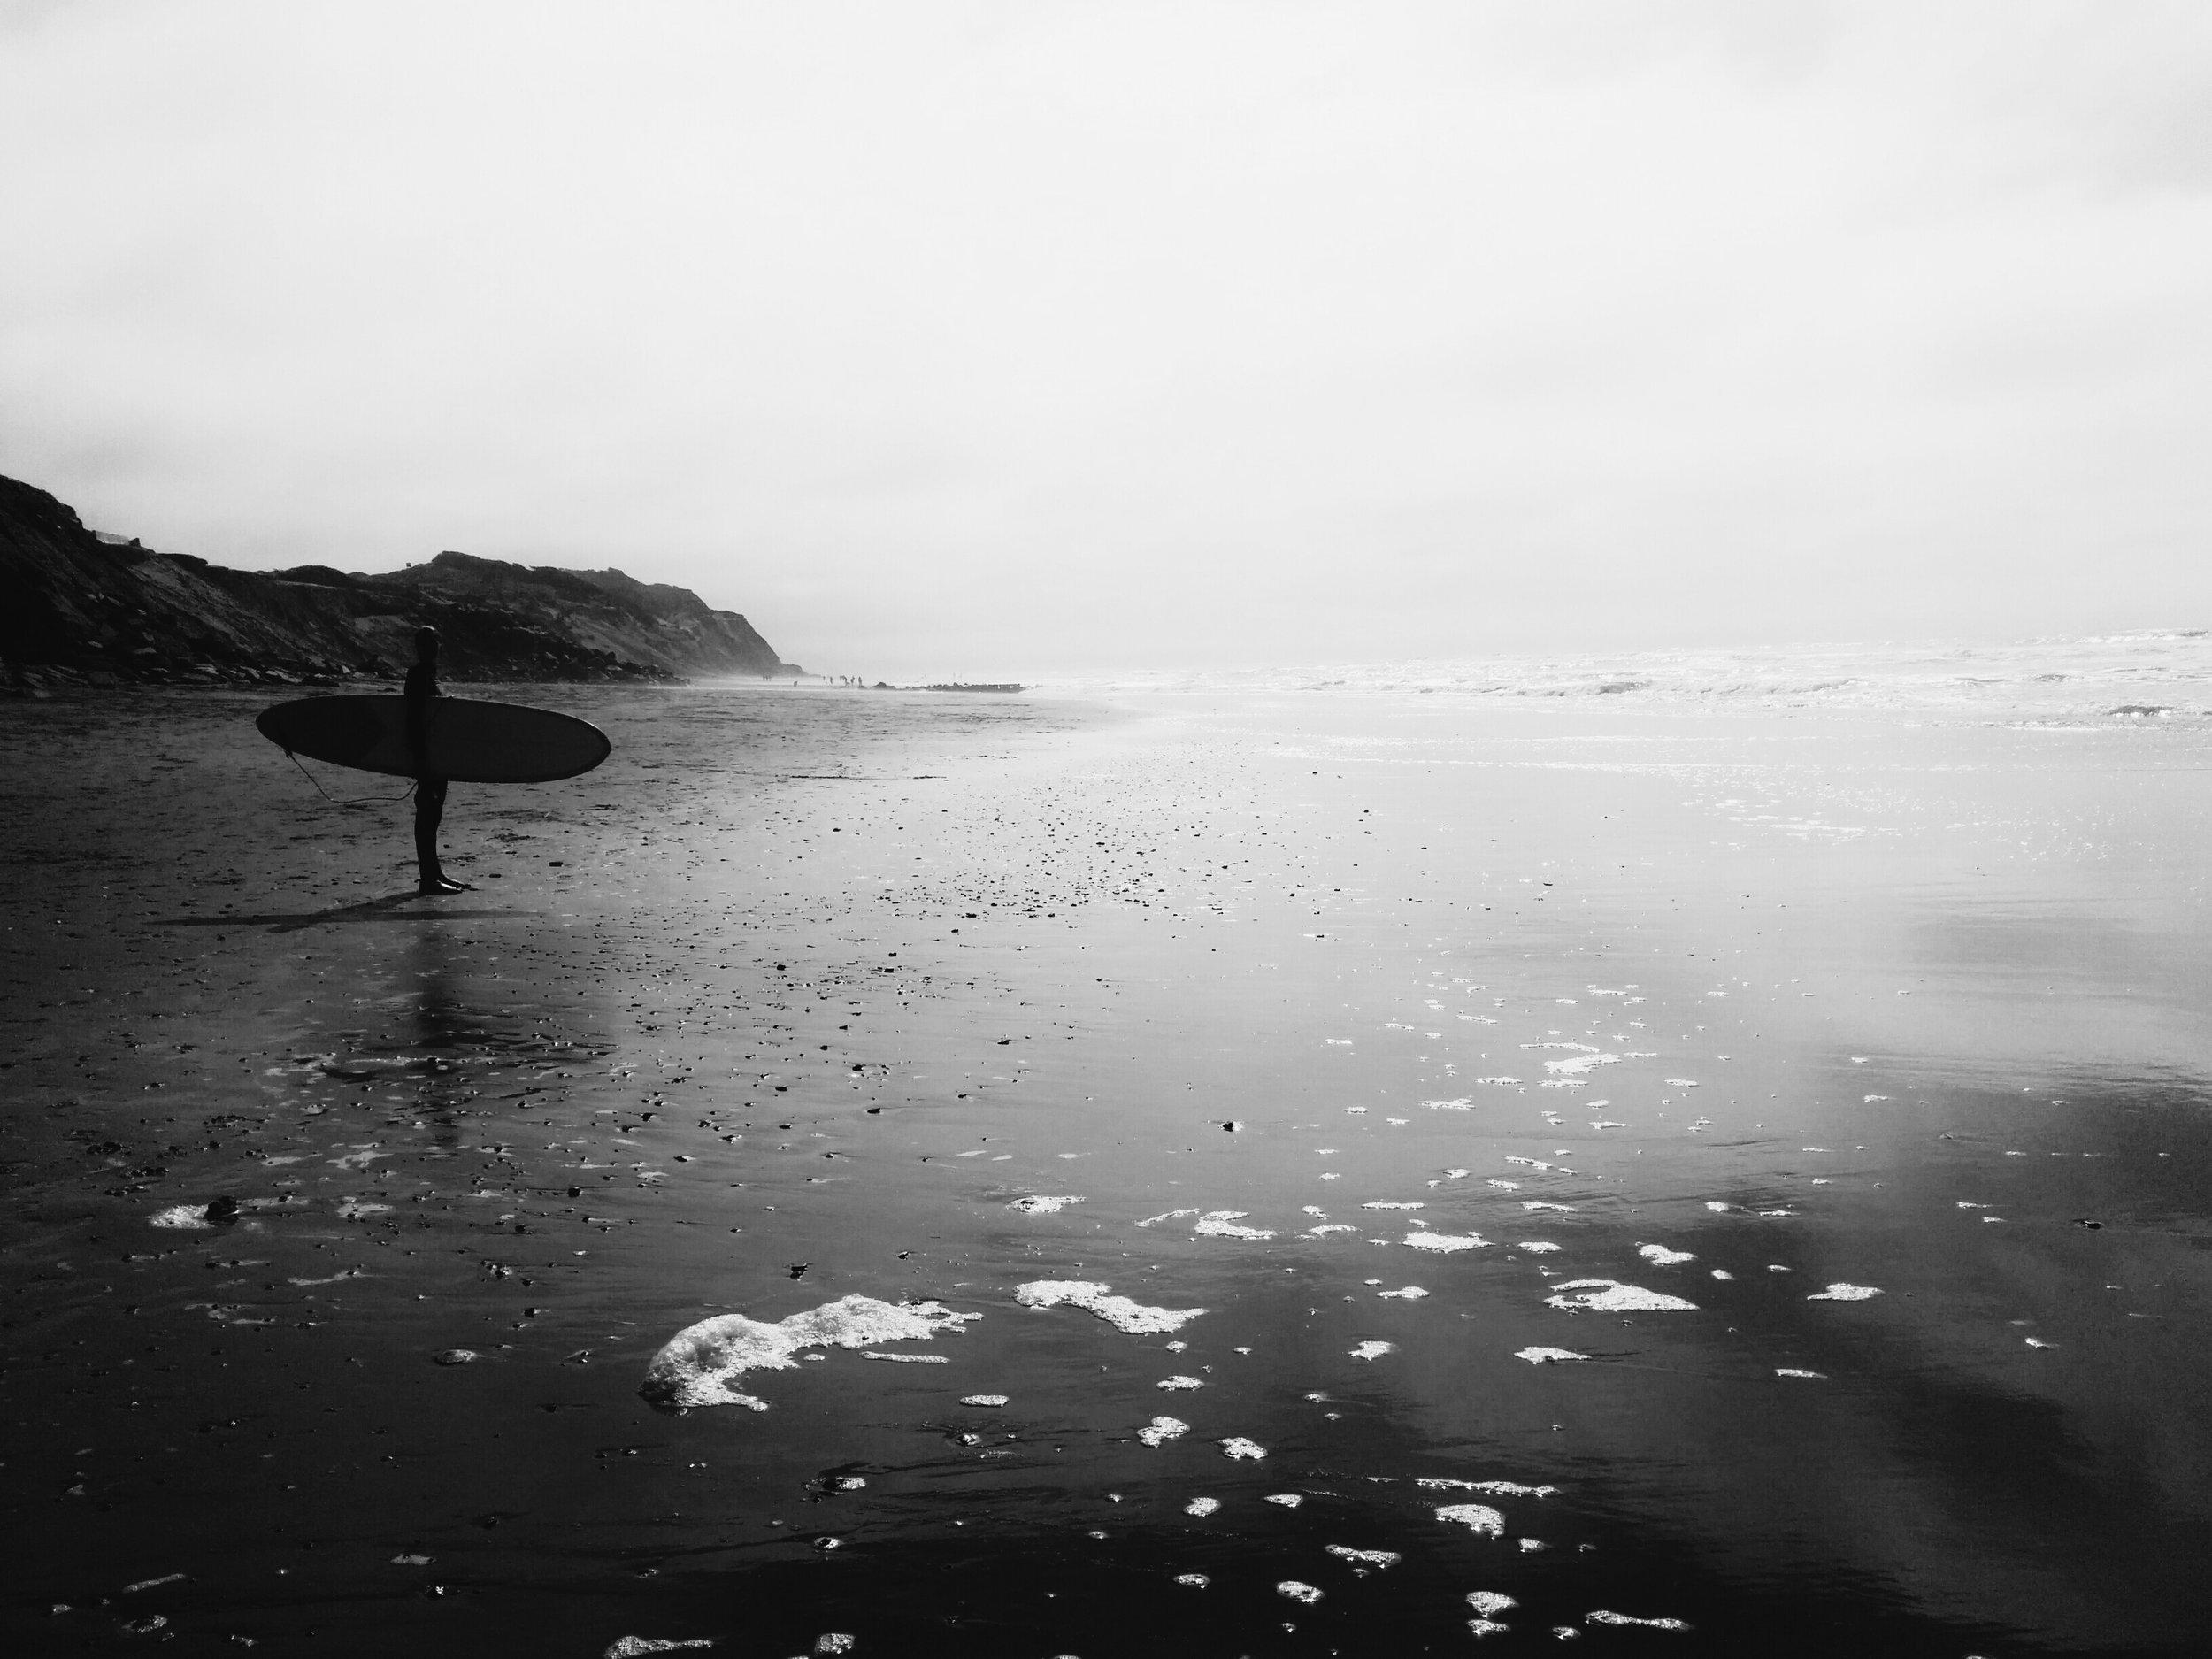 surfer-on-the-beach.jpg